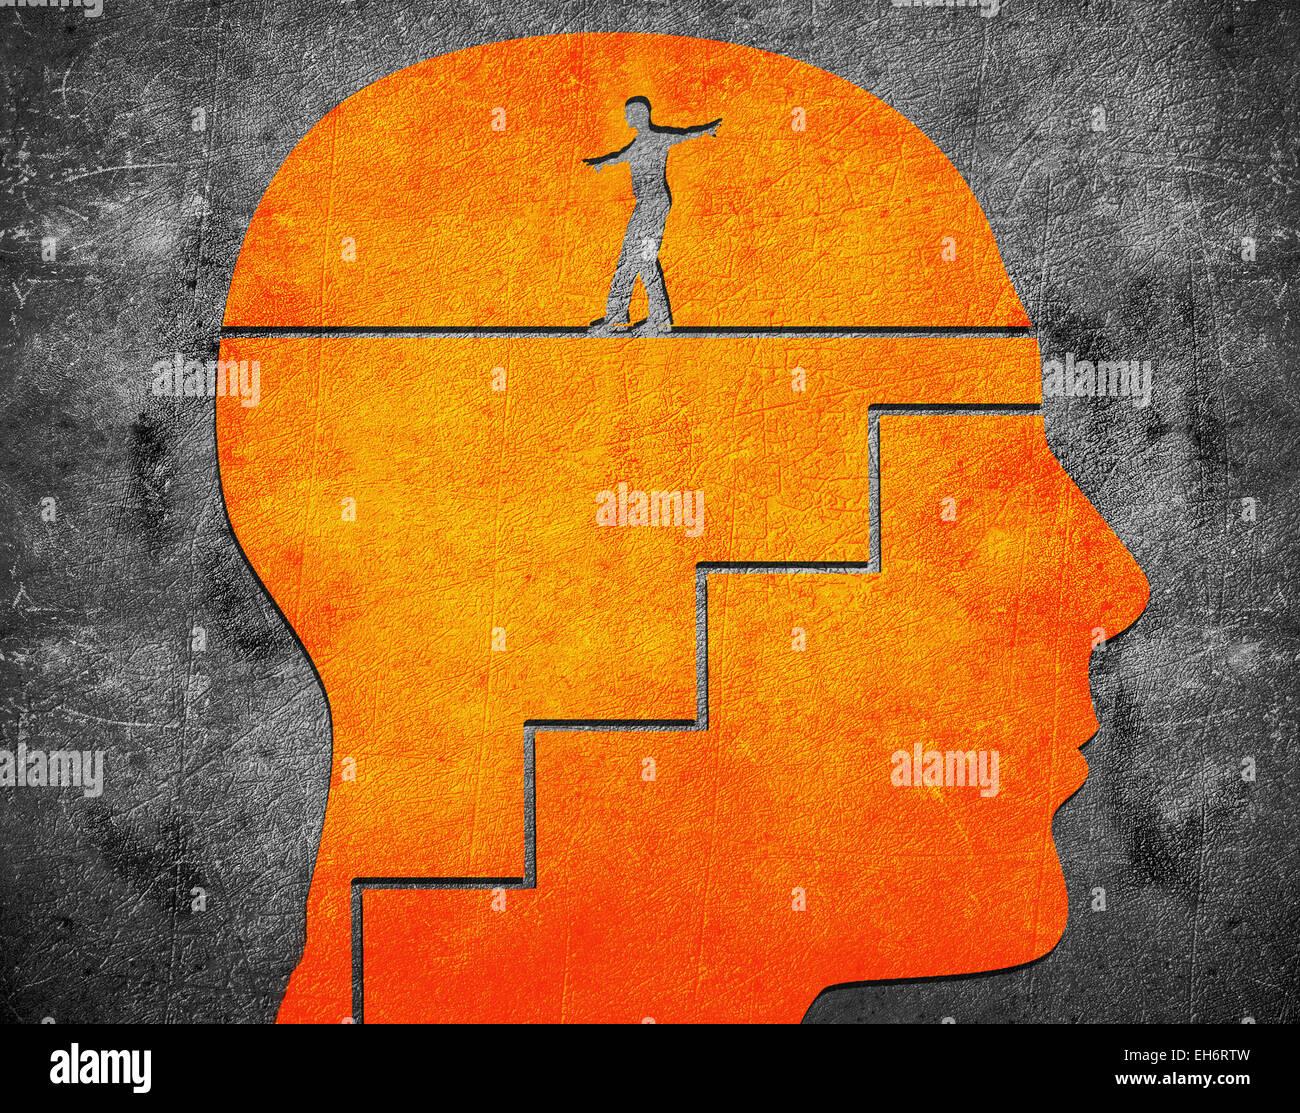 Tête avec escalier et funambule illustration numérique Photo Stock